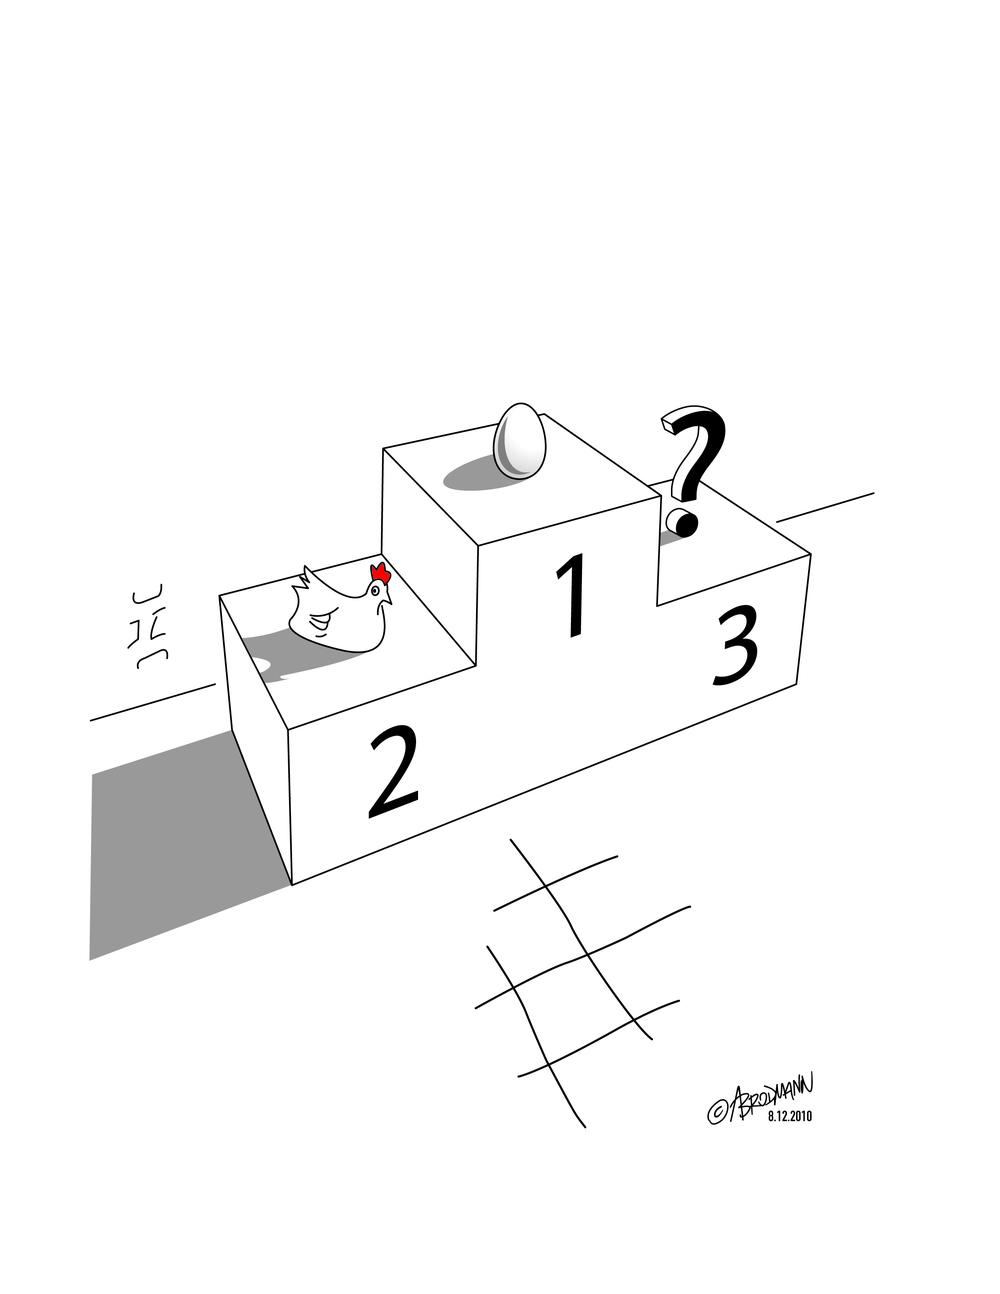 Dilemma.jpg